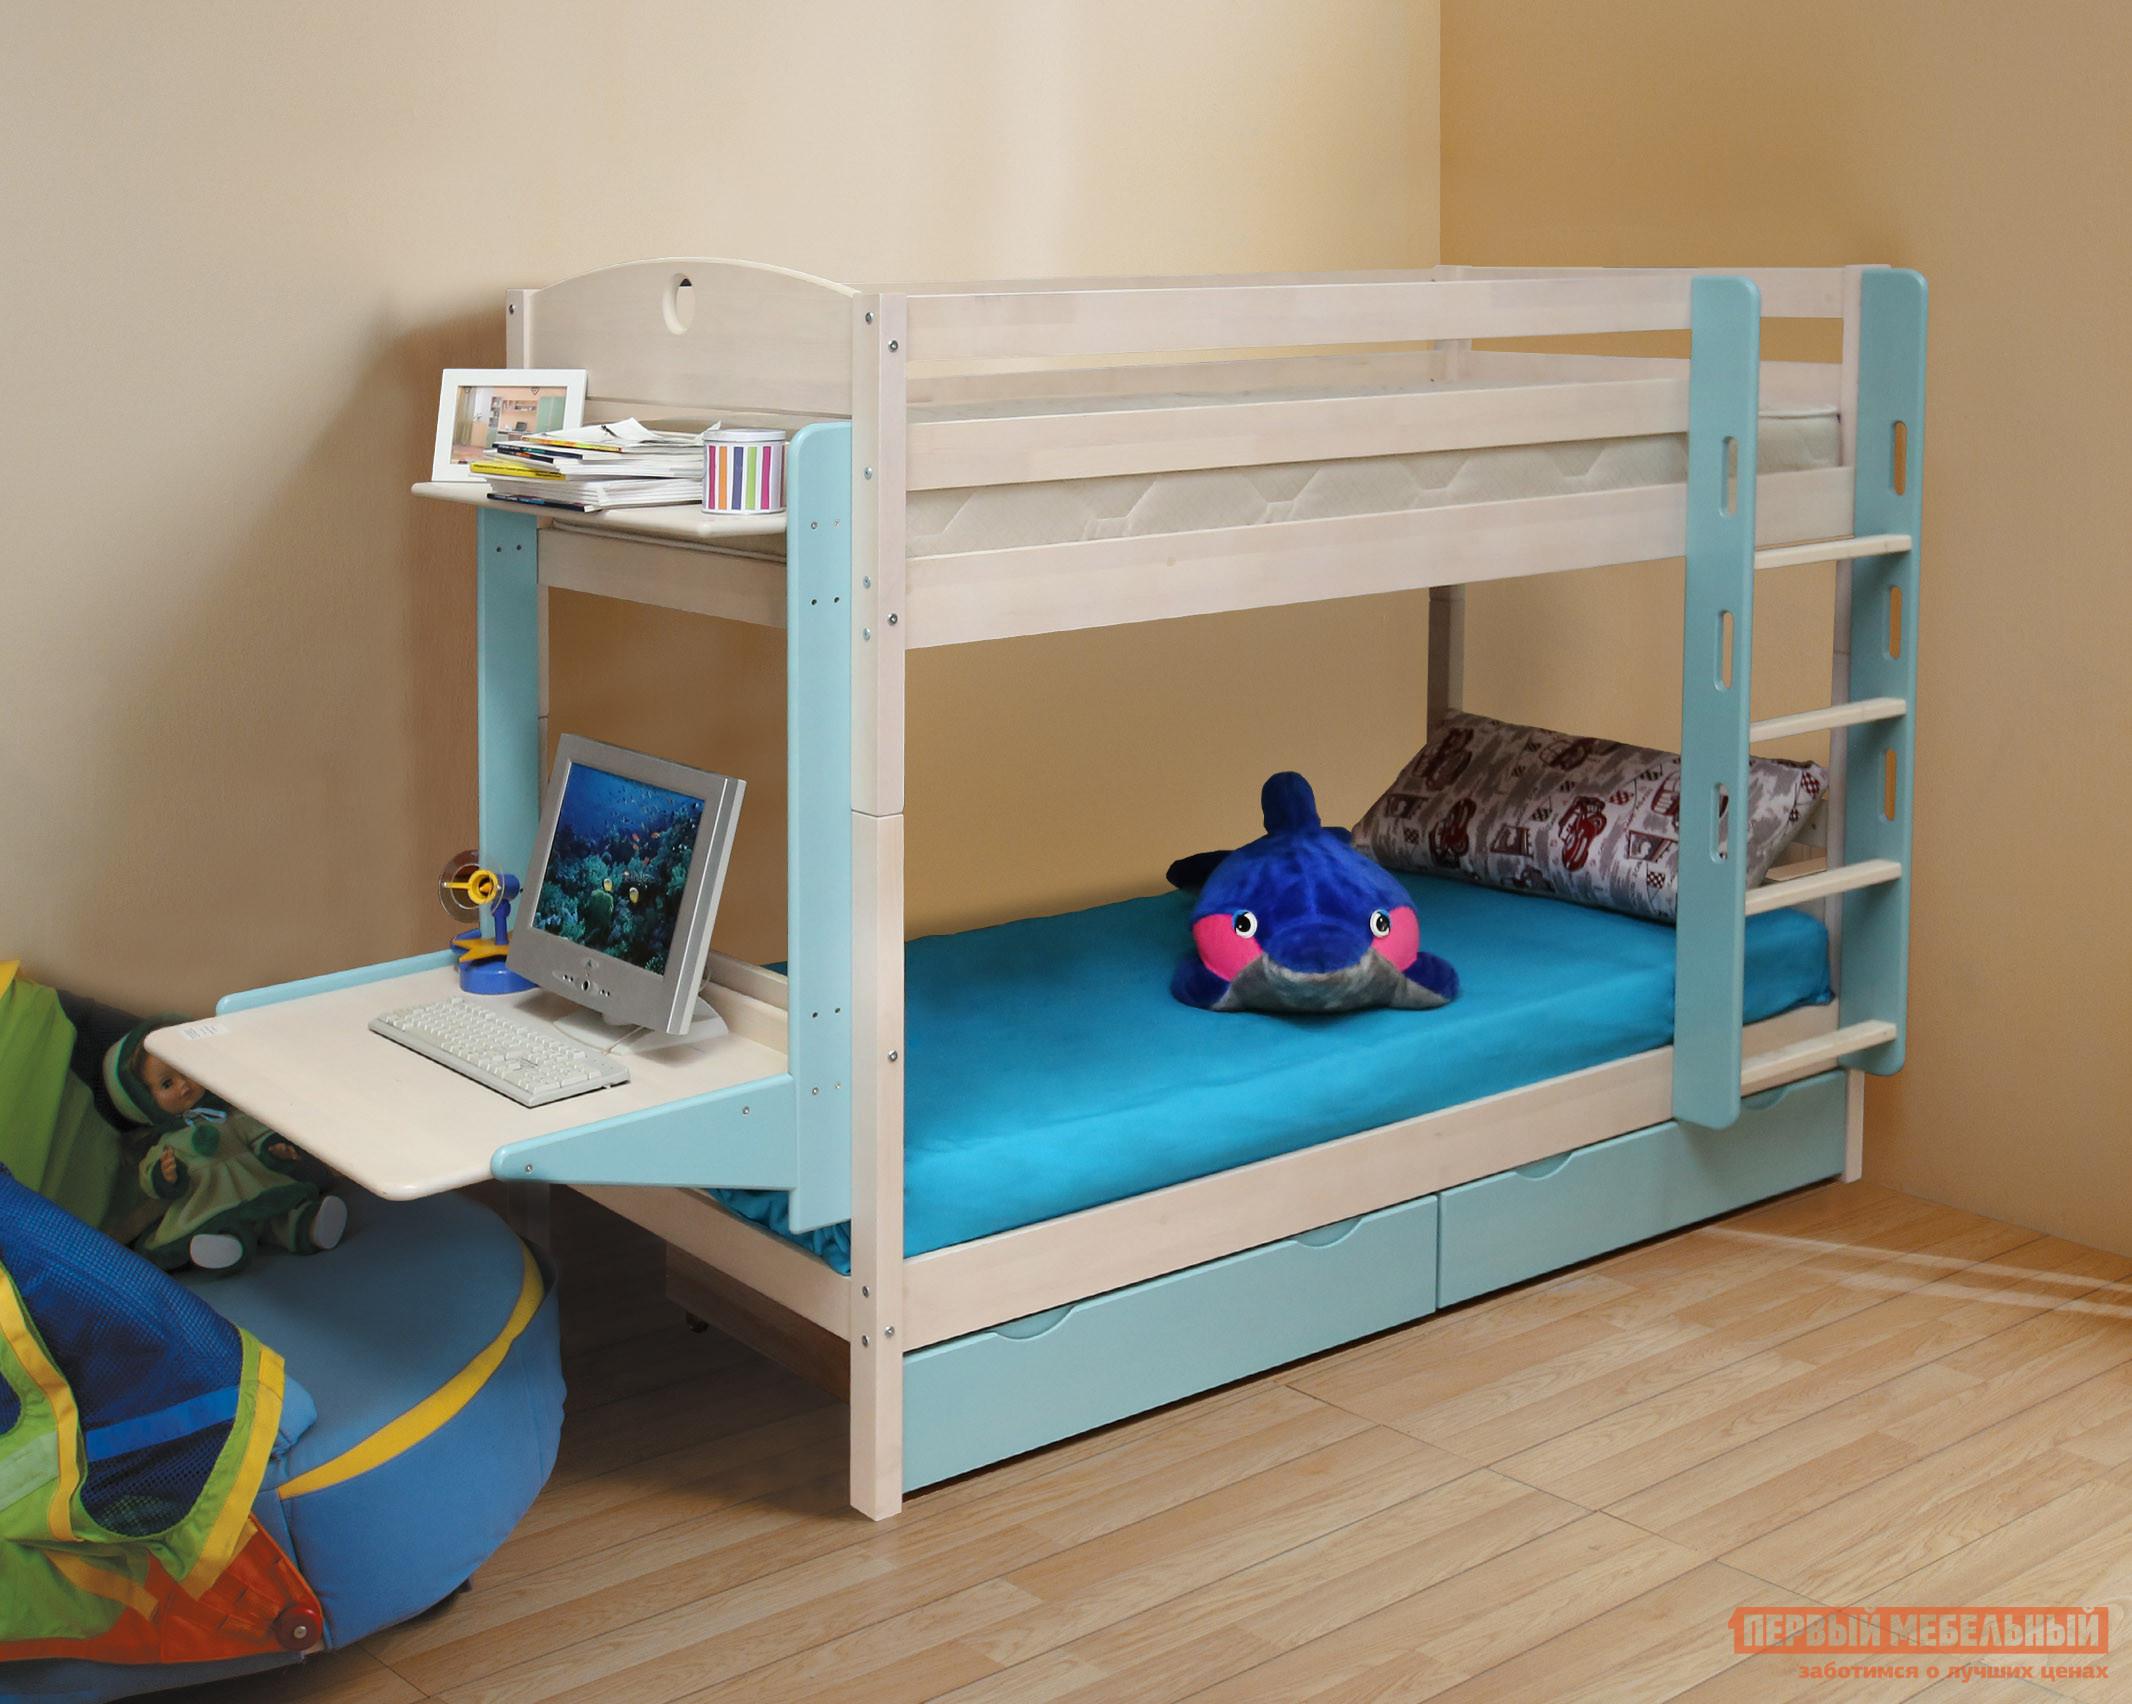 Детская двухъярусная кровать с рабочей зоной Боровичи Кровать детская Двухъярусная Трансформер с ящиком и столиком детская кровать kidkraft детская кровать рыцарский замок